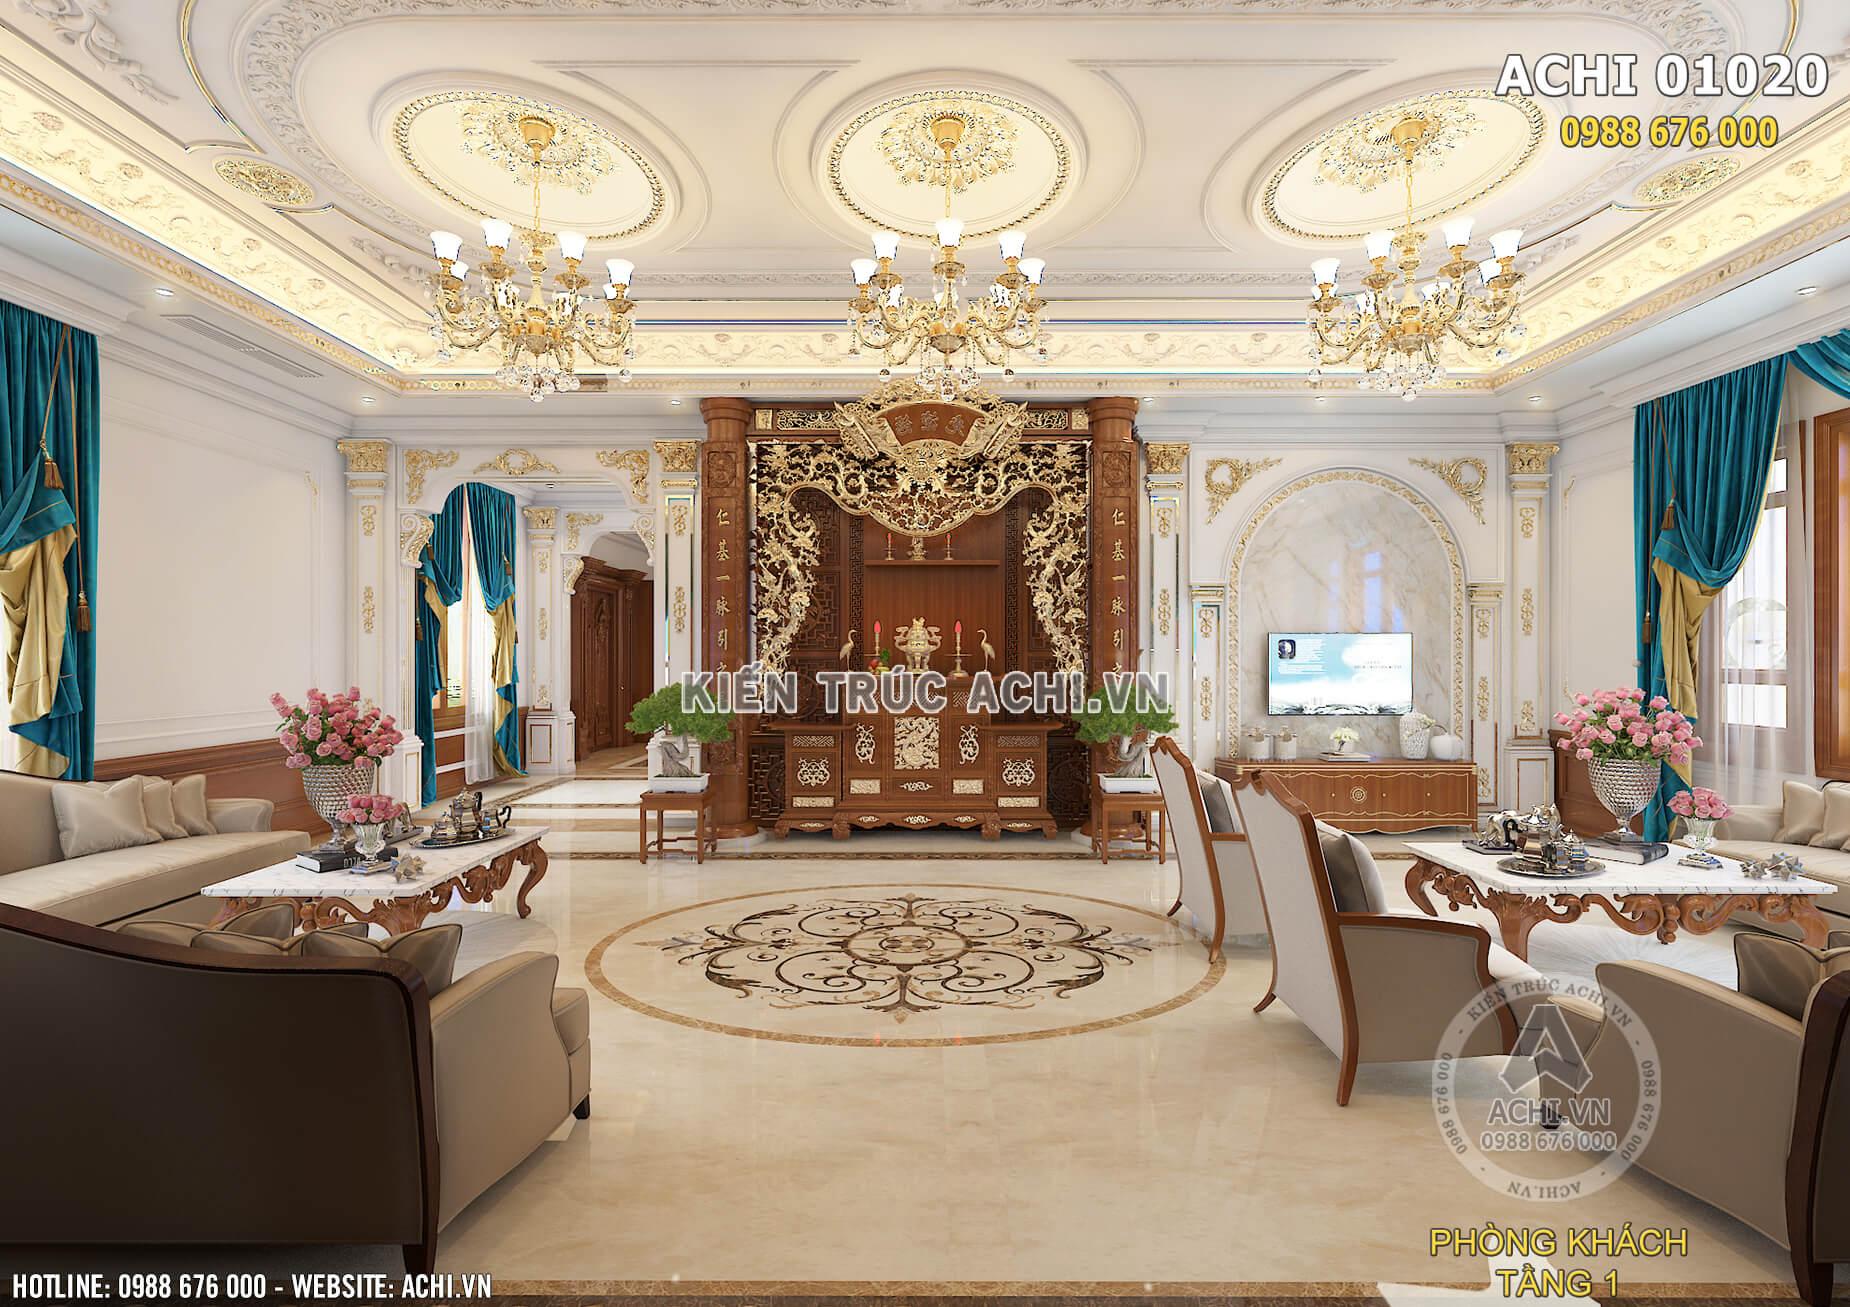 Mẫu thiết kế nội thất đẹp tân cổ điển sang trọng - ACHI 01020